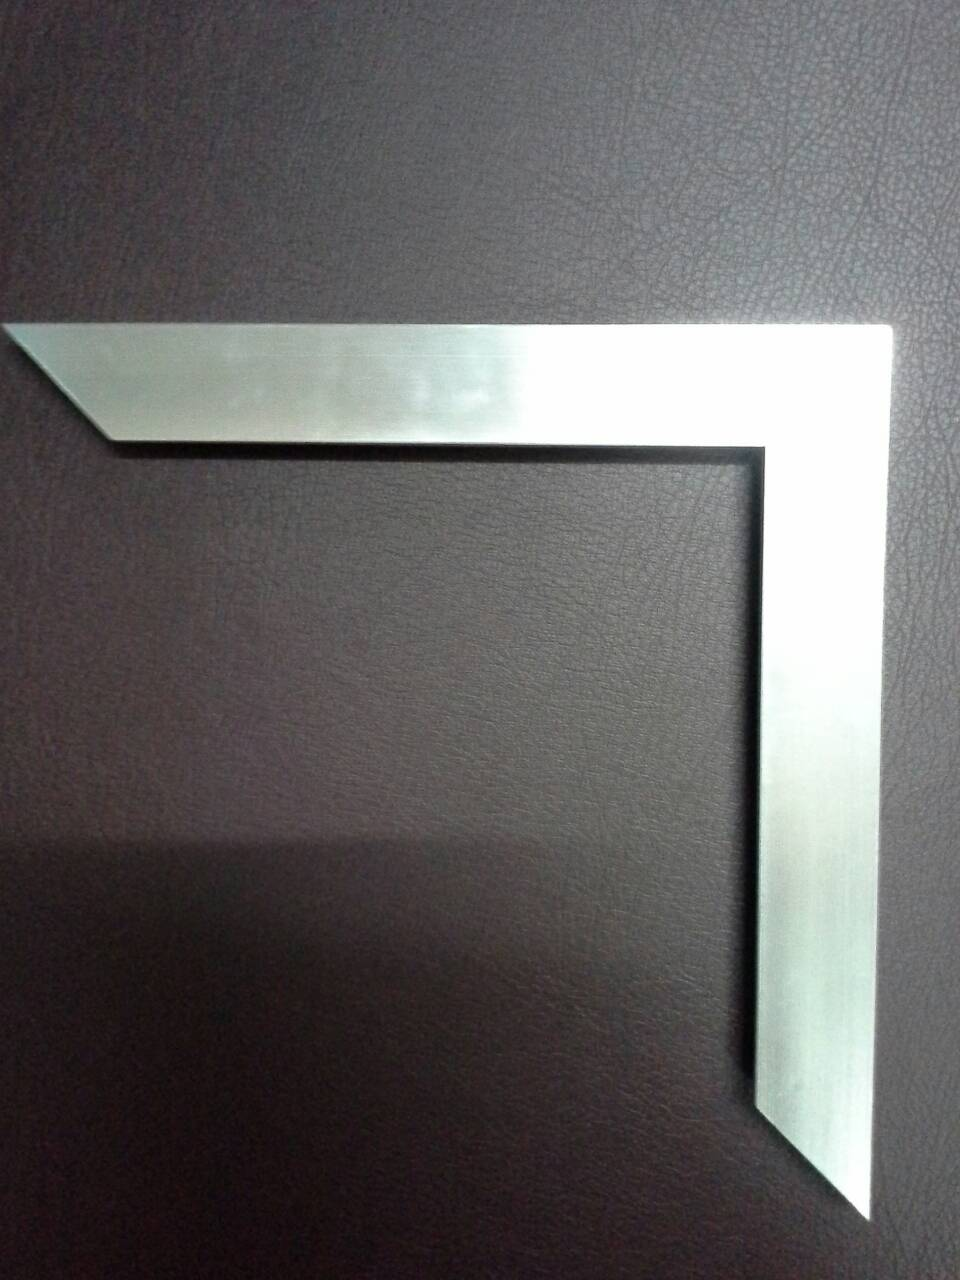 กรอบ013เงินเหลี่ยมใหญ่(5.0)